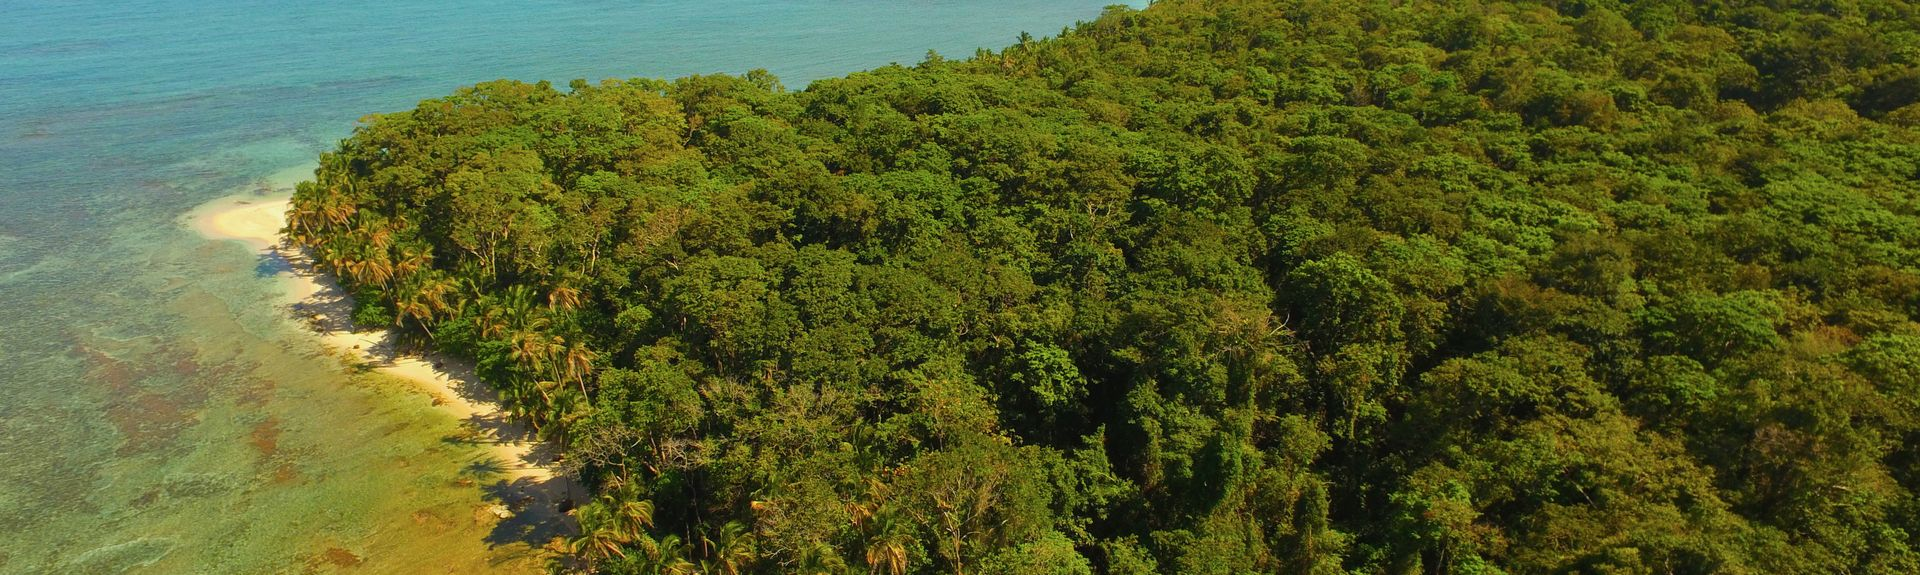 Limón, Limón (Provinz), Costa Rica